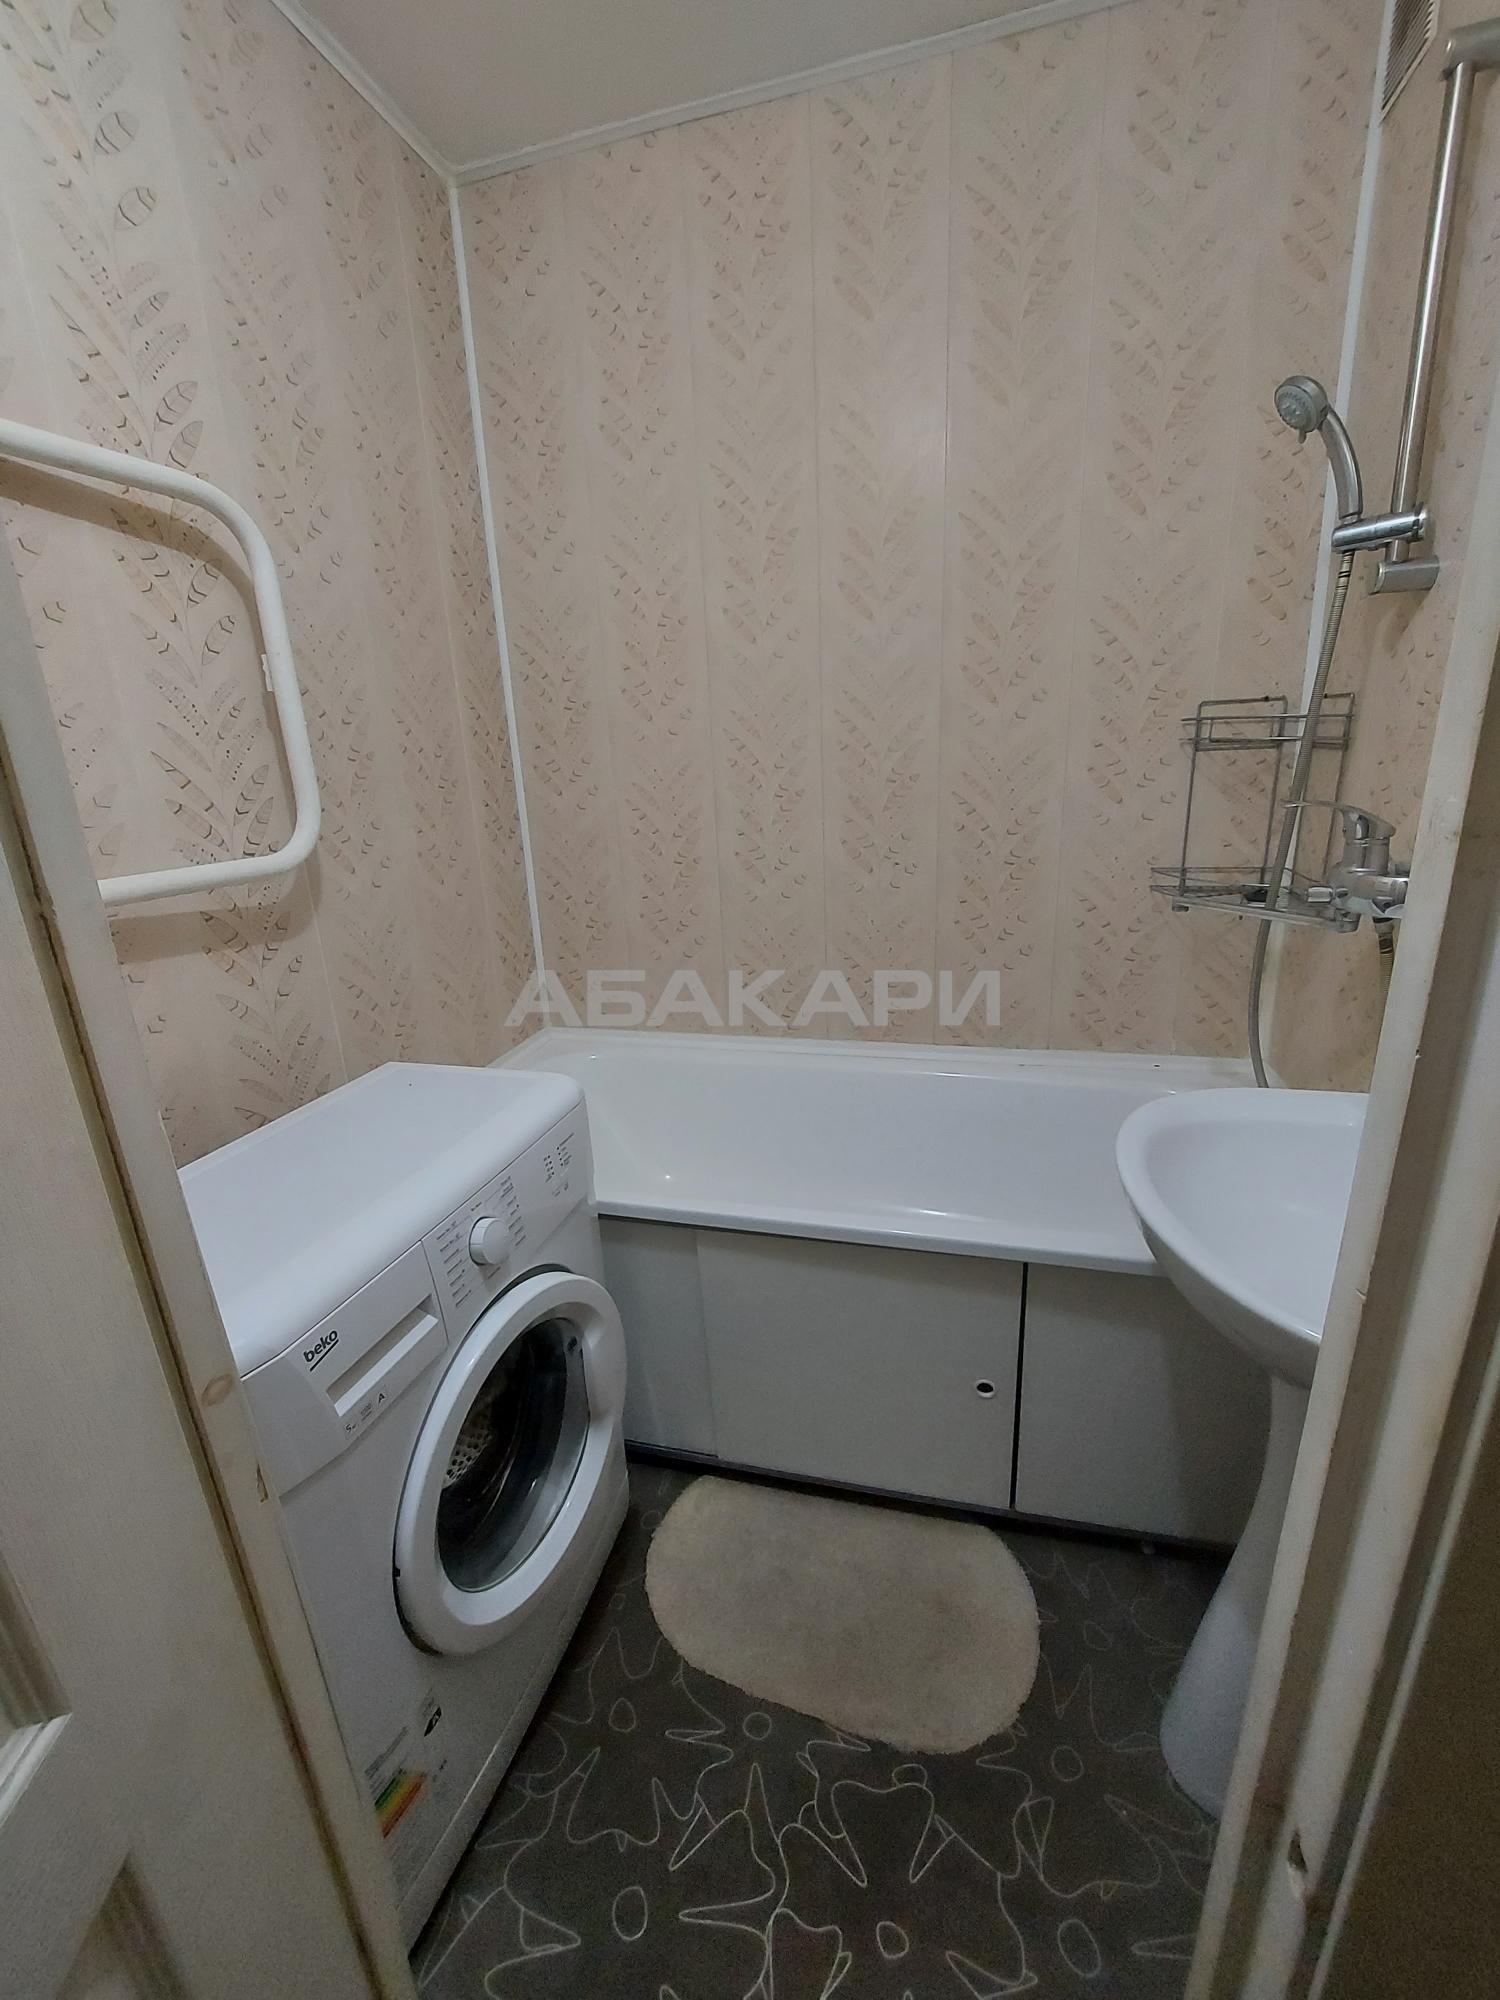 1к квартира улица Алексеева, 111 | 17000 | аренда в Красноярске фото 2